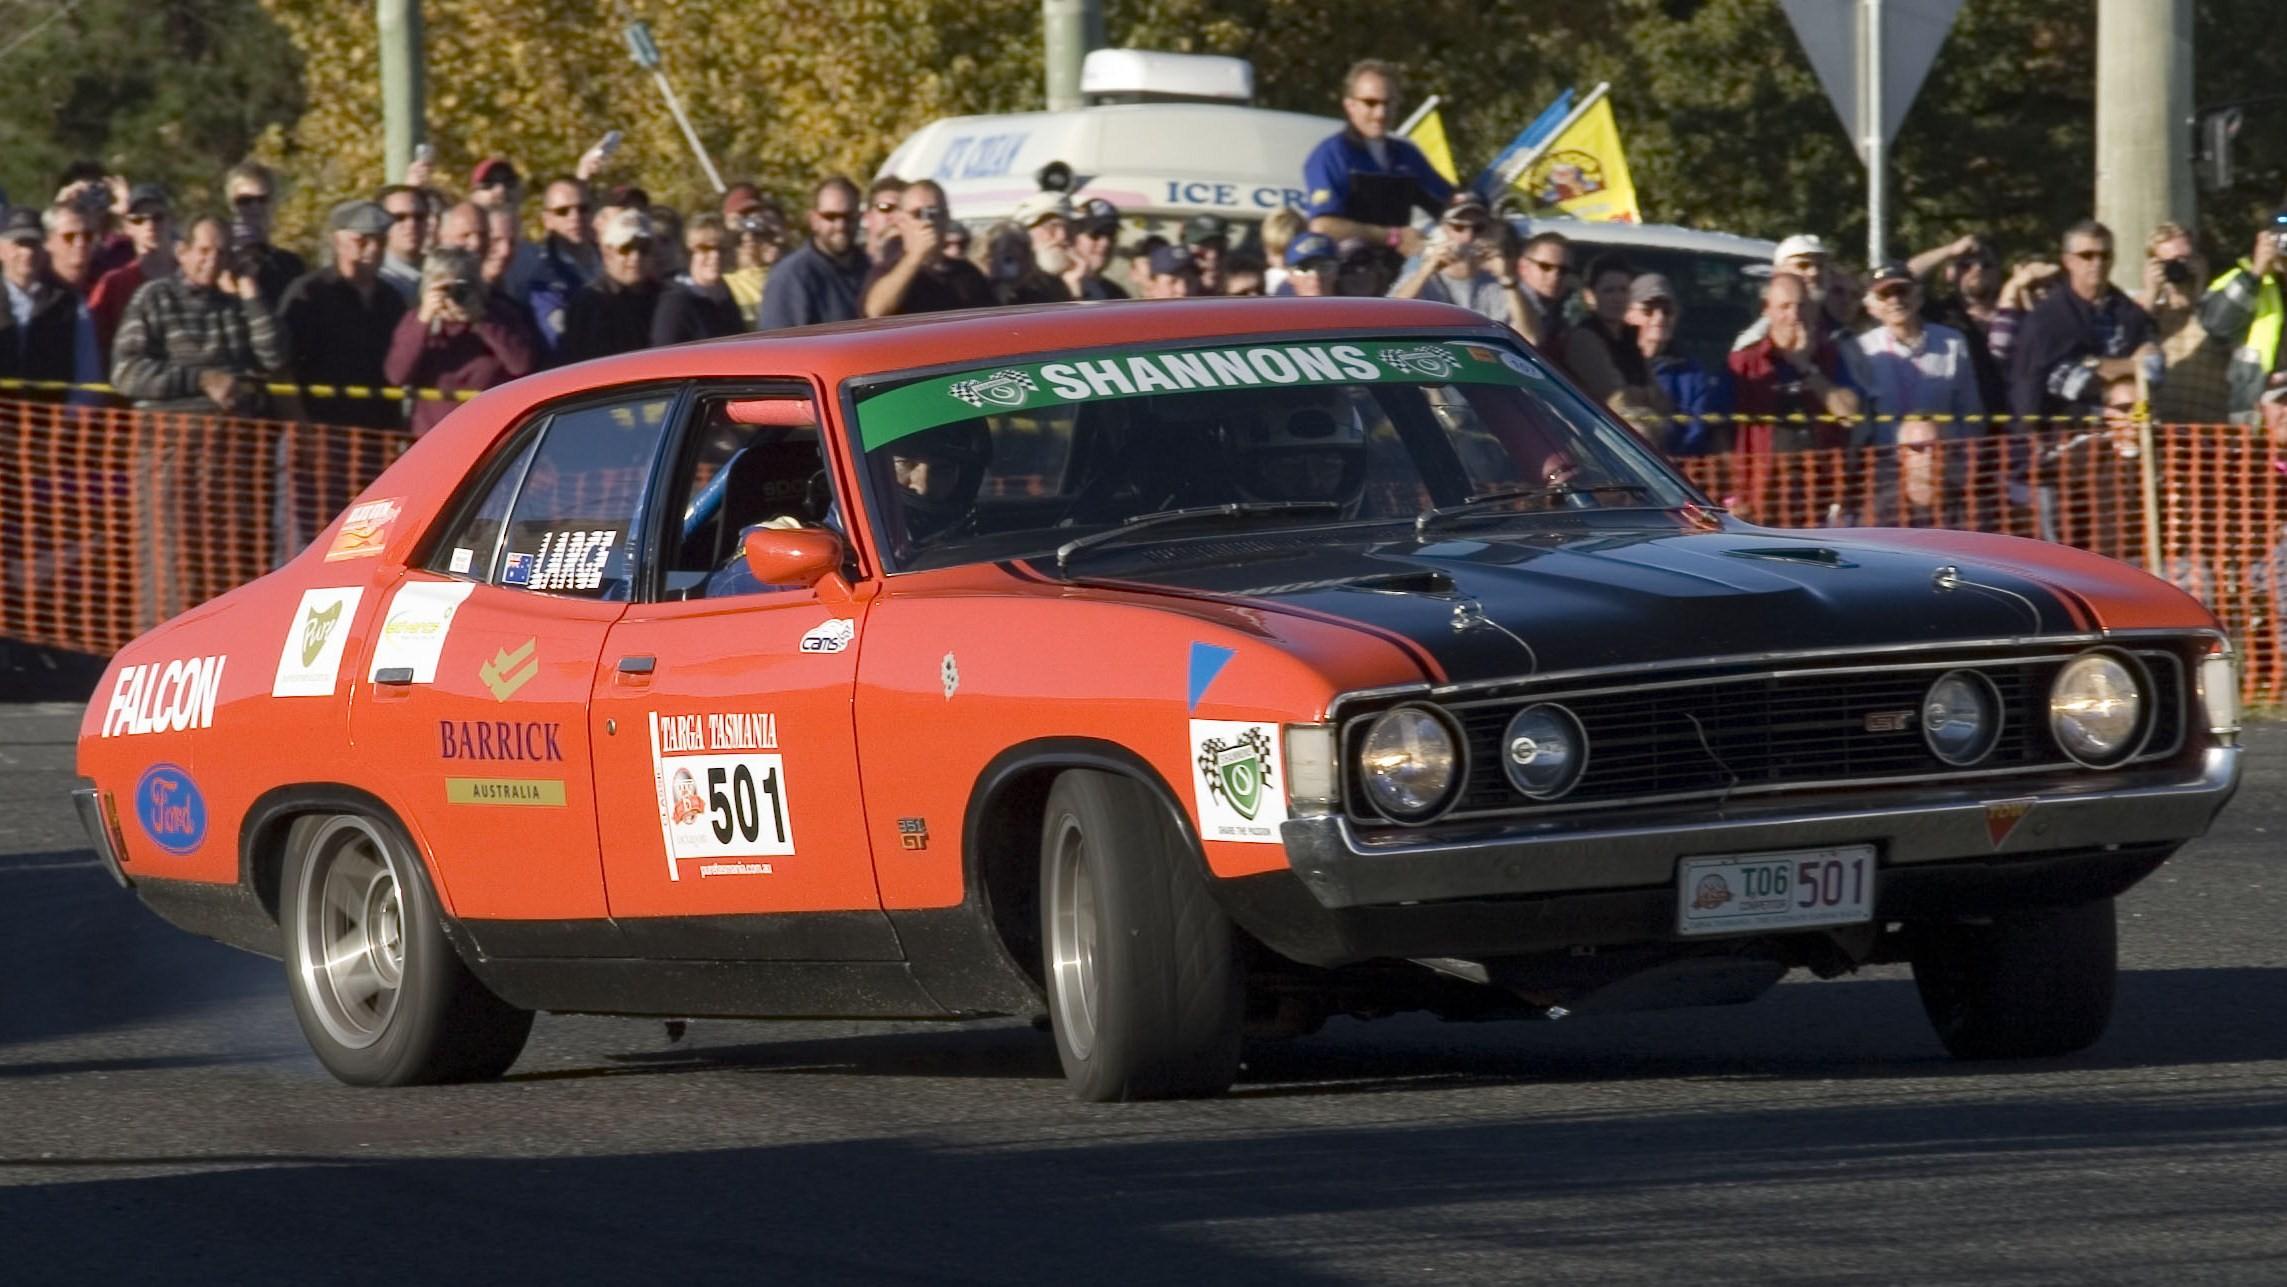 1972 1973 Ford XA Falcon GT (replica) racing in Targa Tasmania